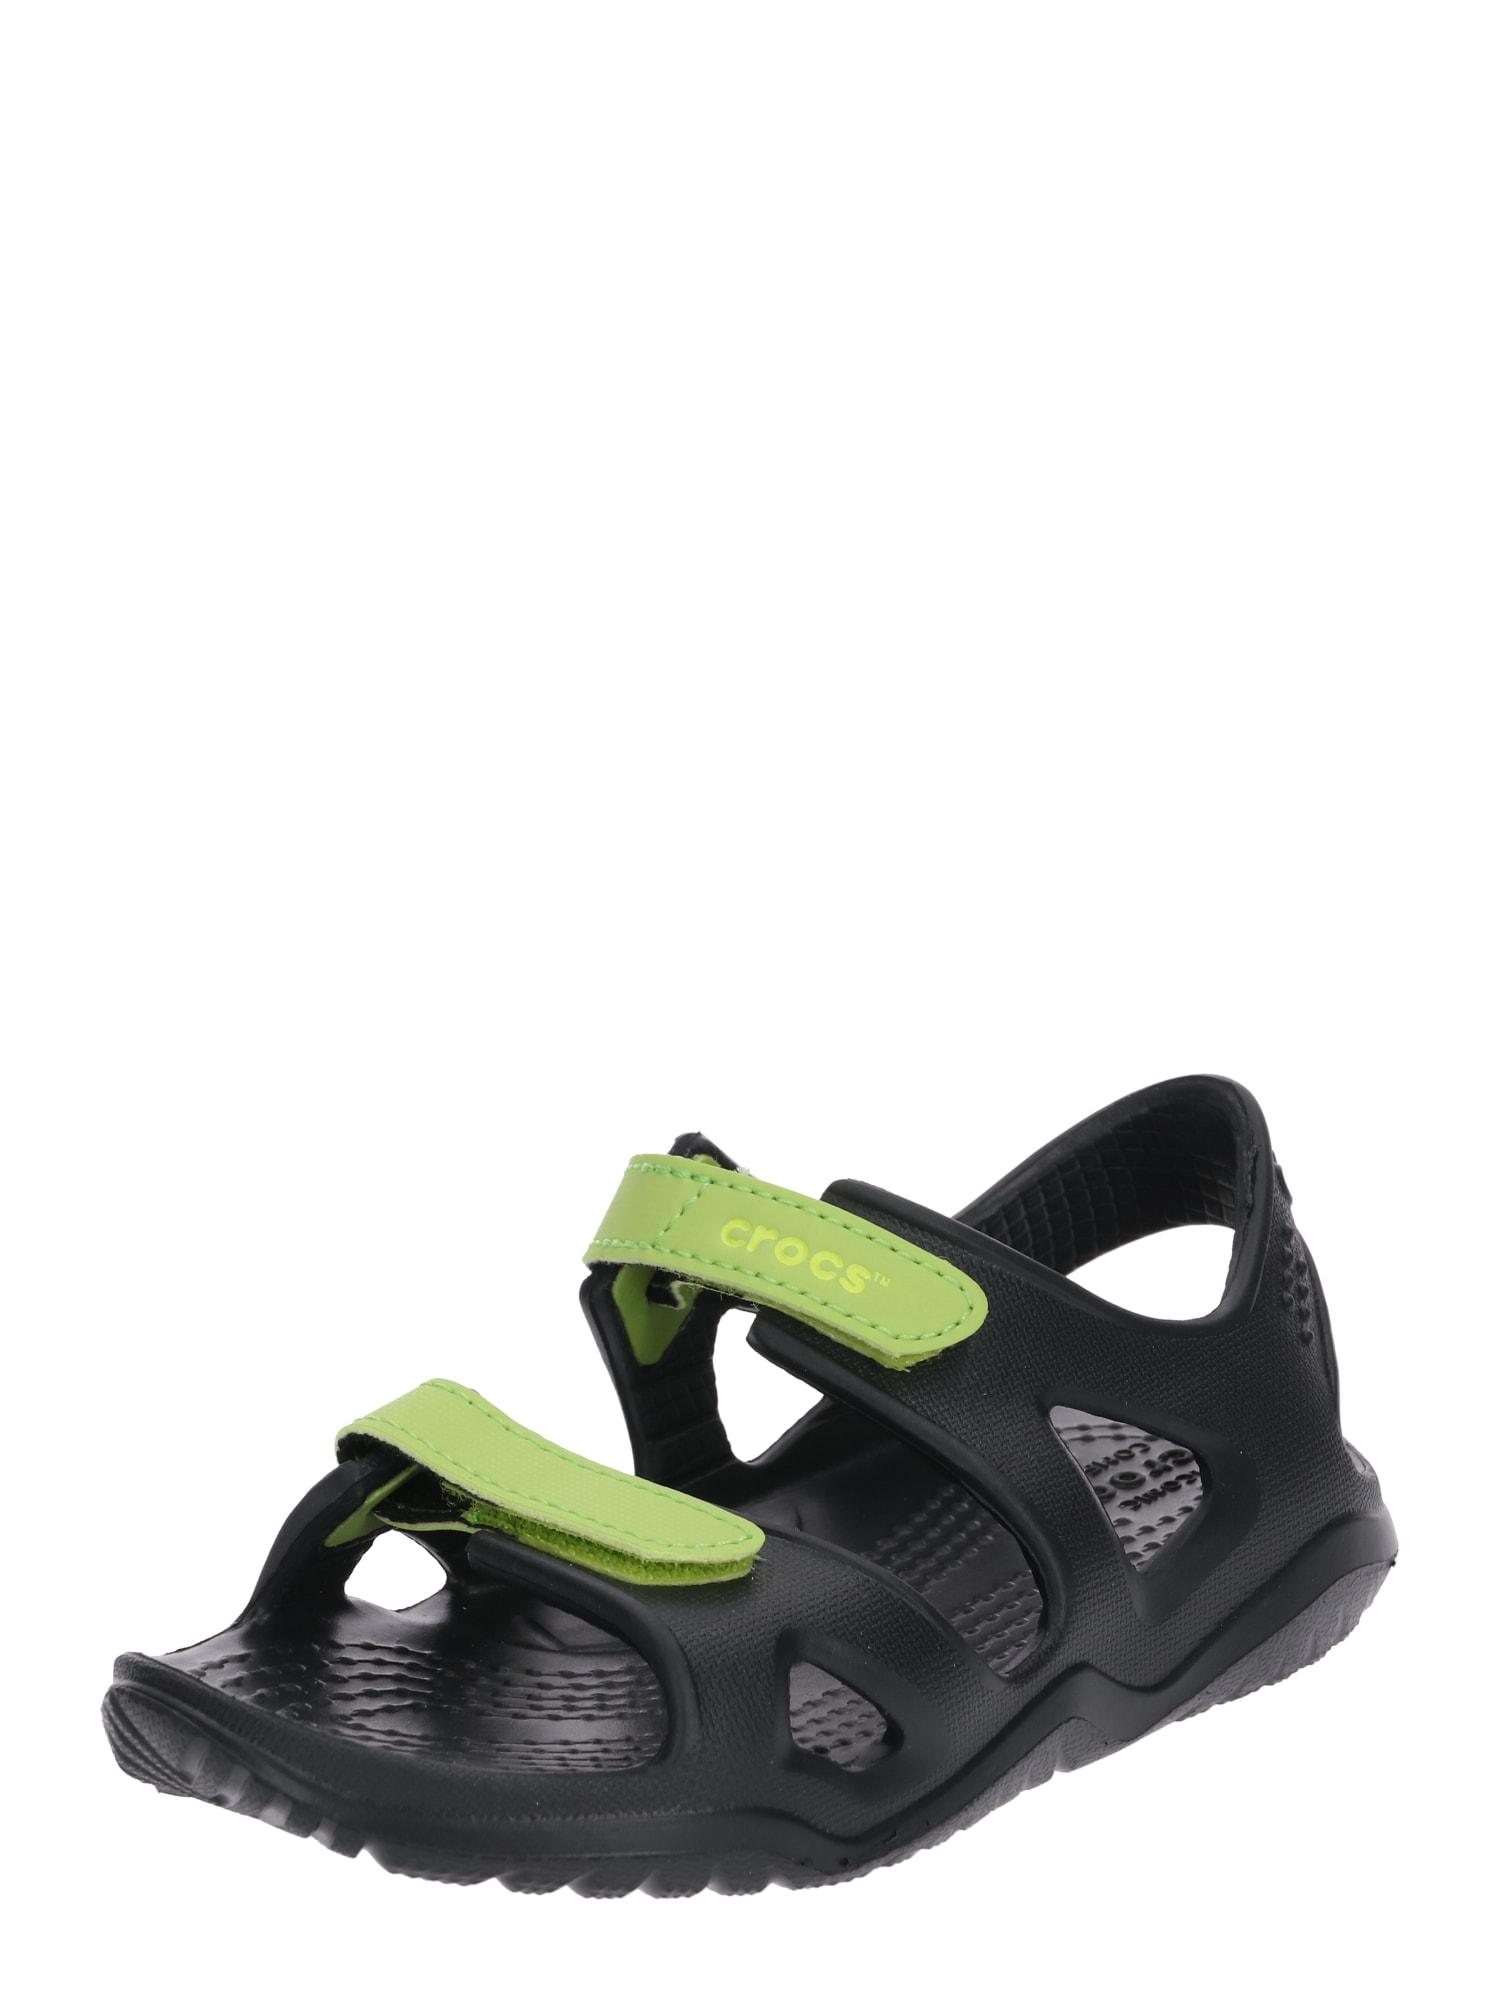 Otevřená obuv Swiftwater River svítivě zelená černá Crocs